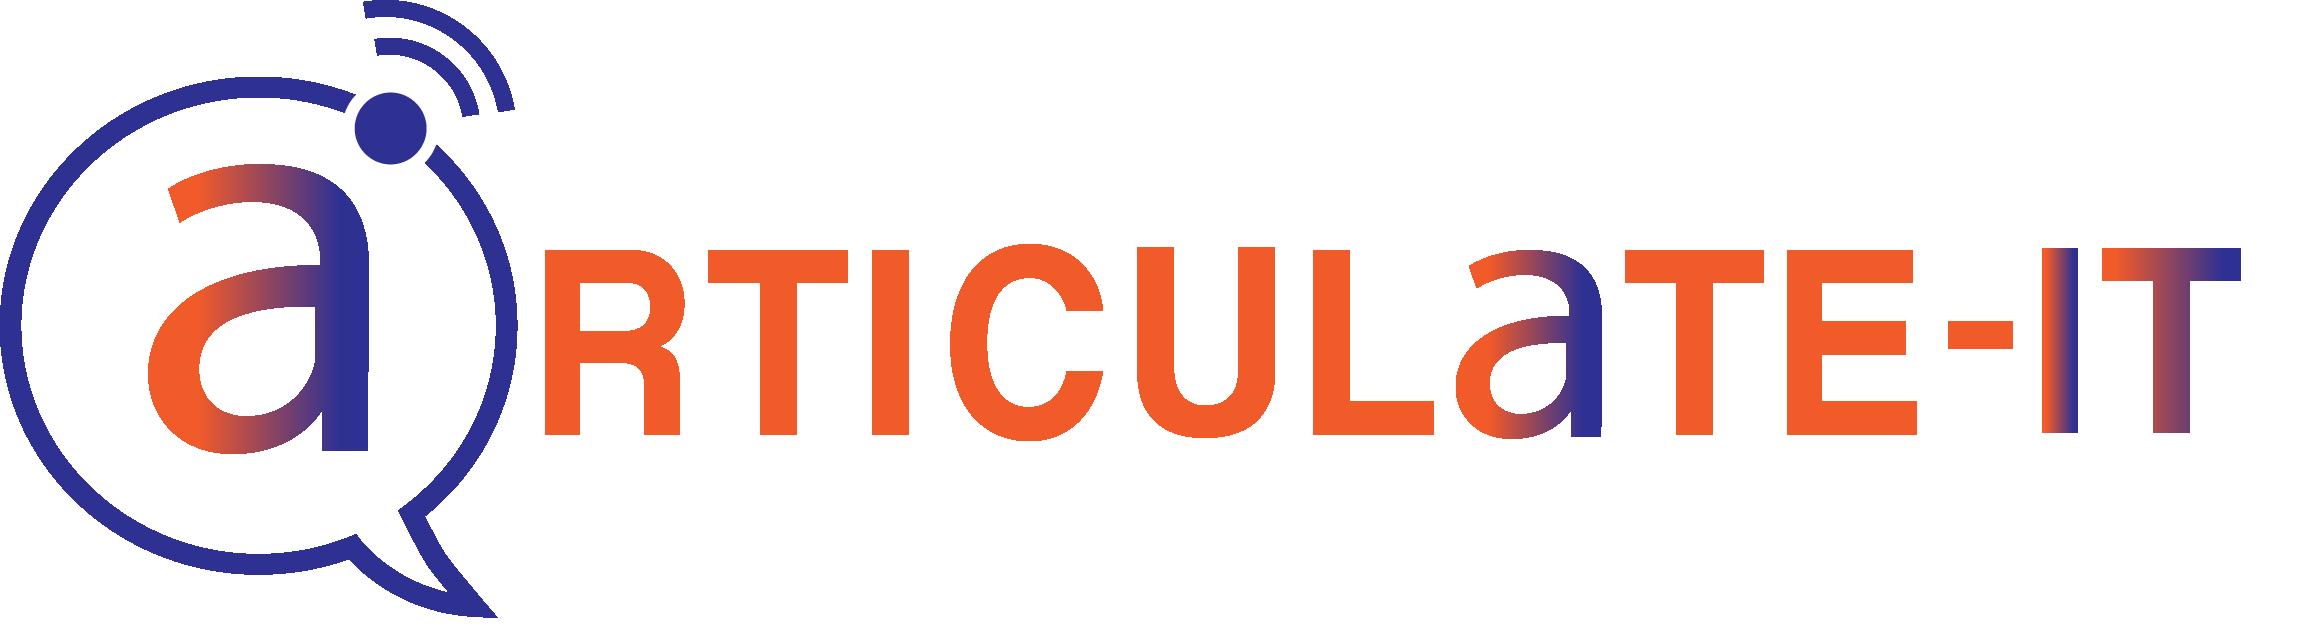 ArticualteIT logo new